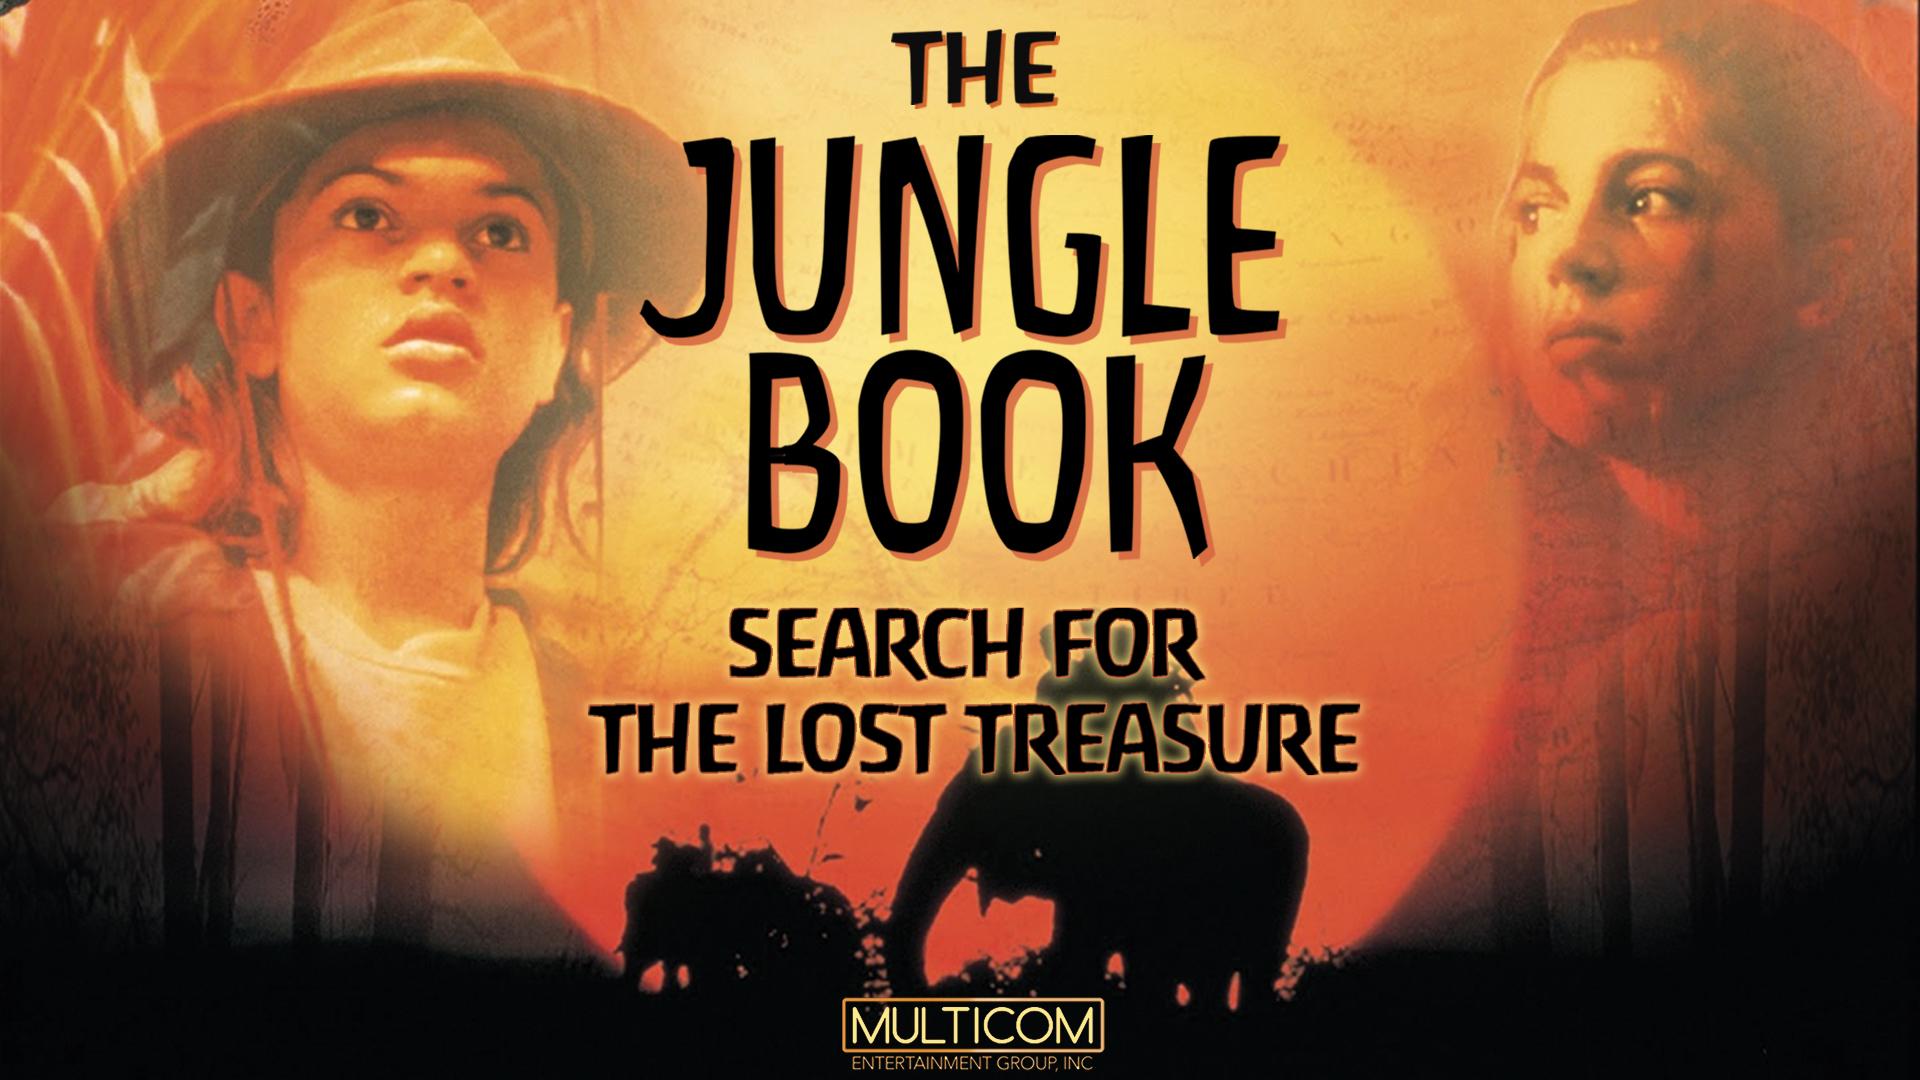 The Jungle Book: Search For The Lost Treasure